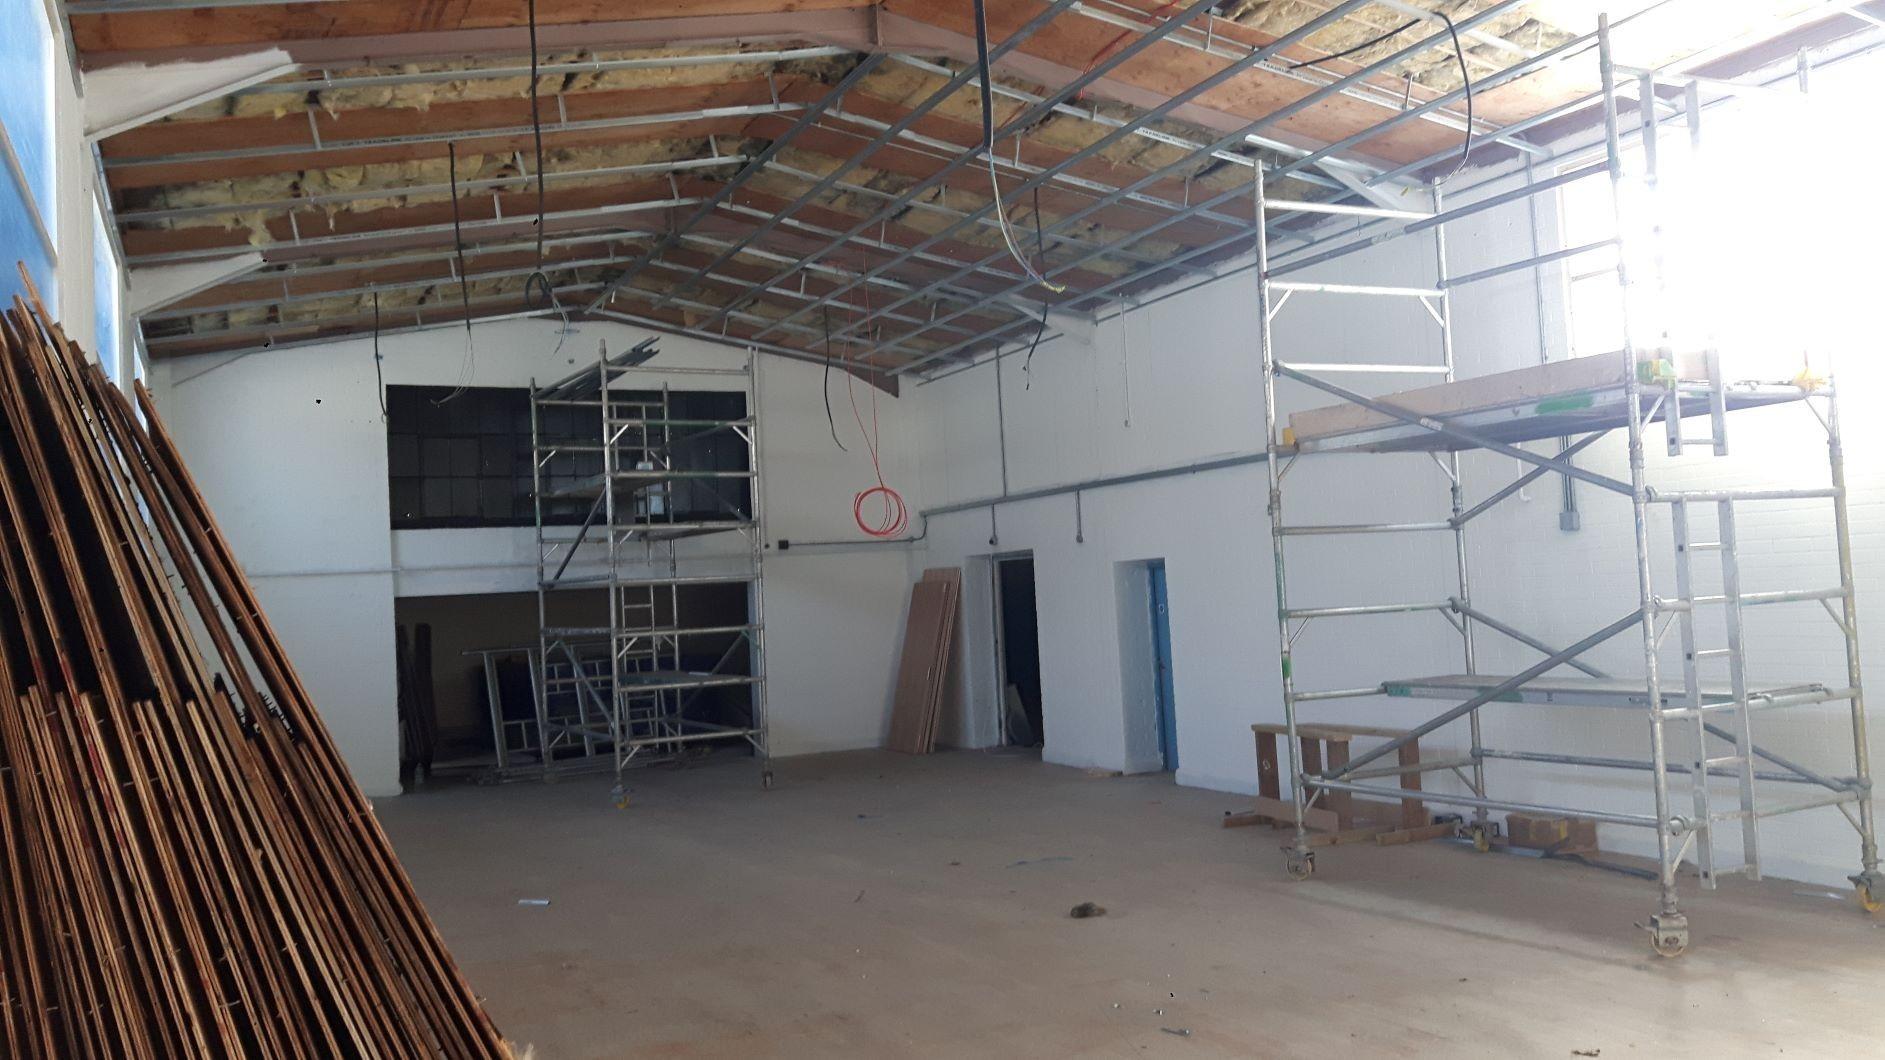 Sport Centre Refurbishment - Multi-use Gym